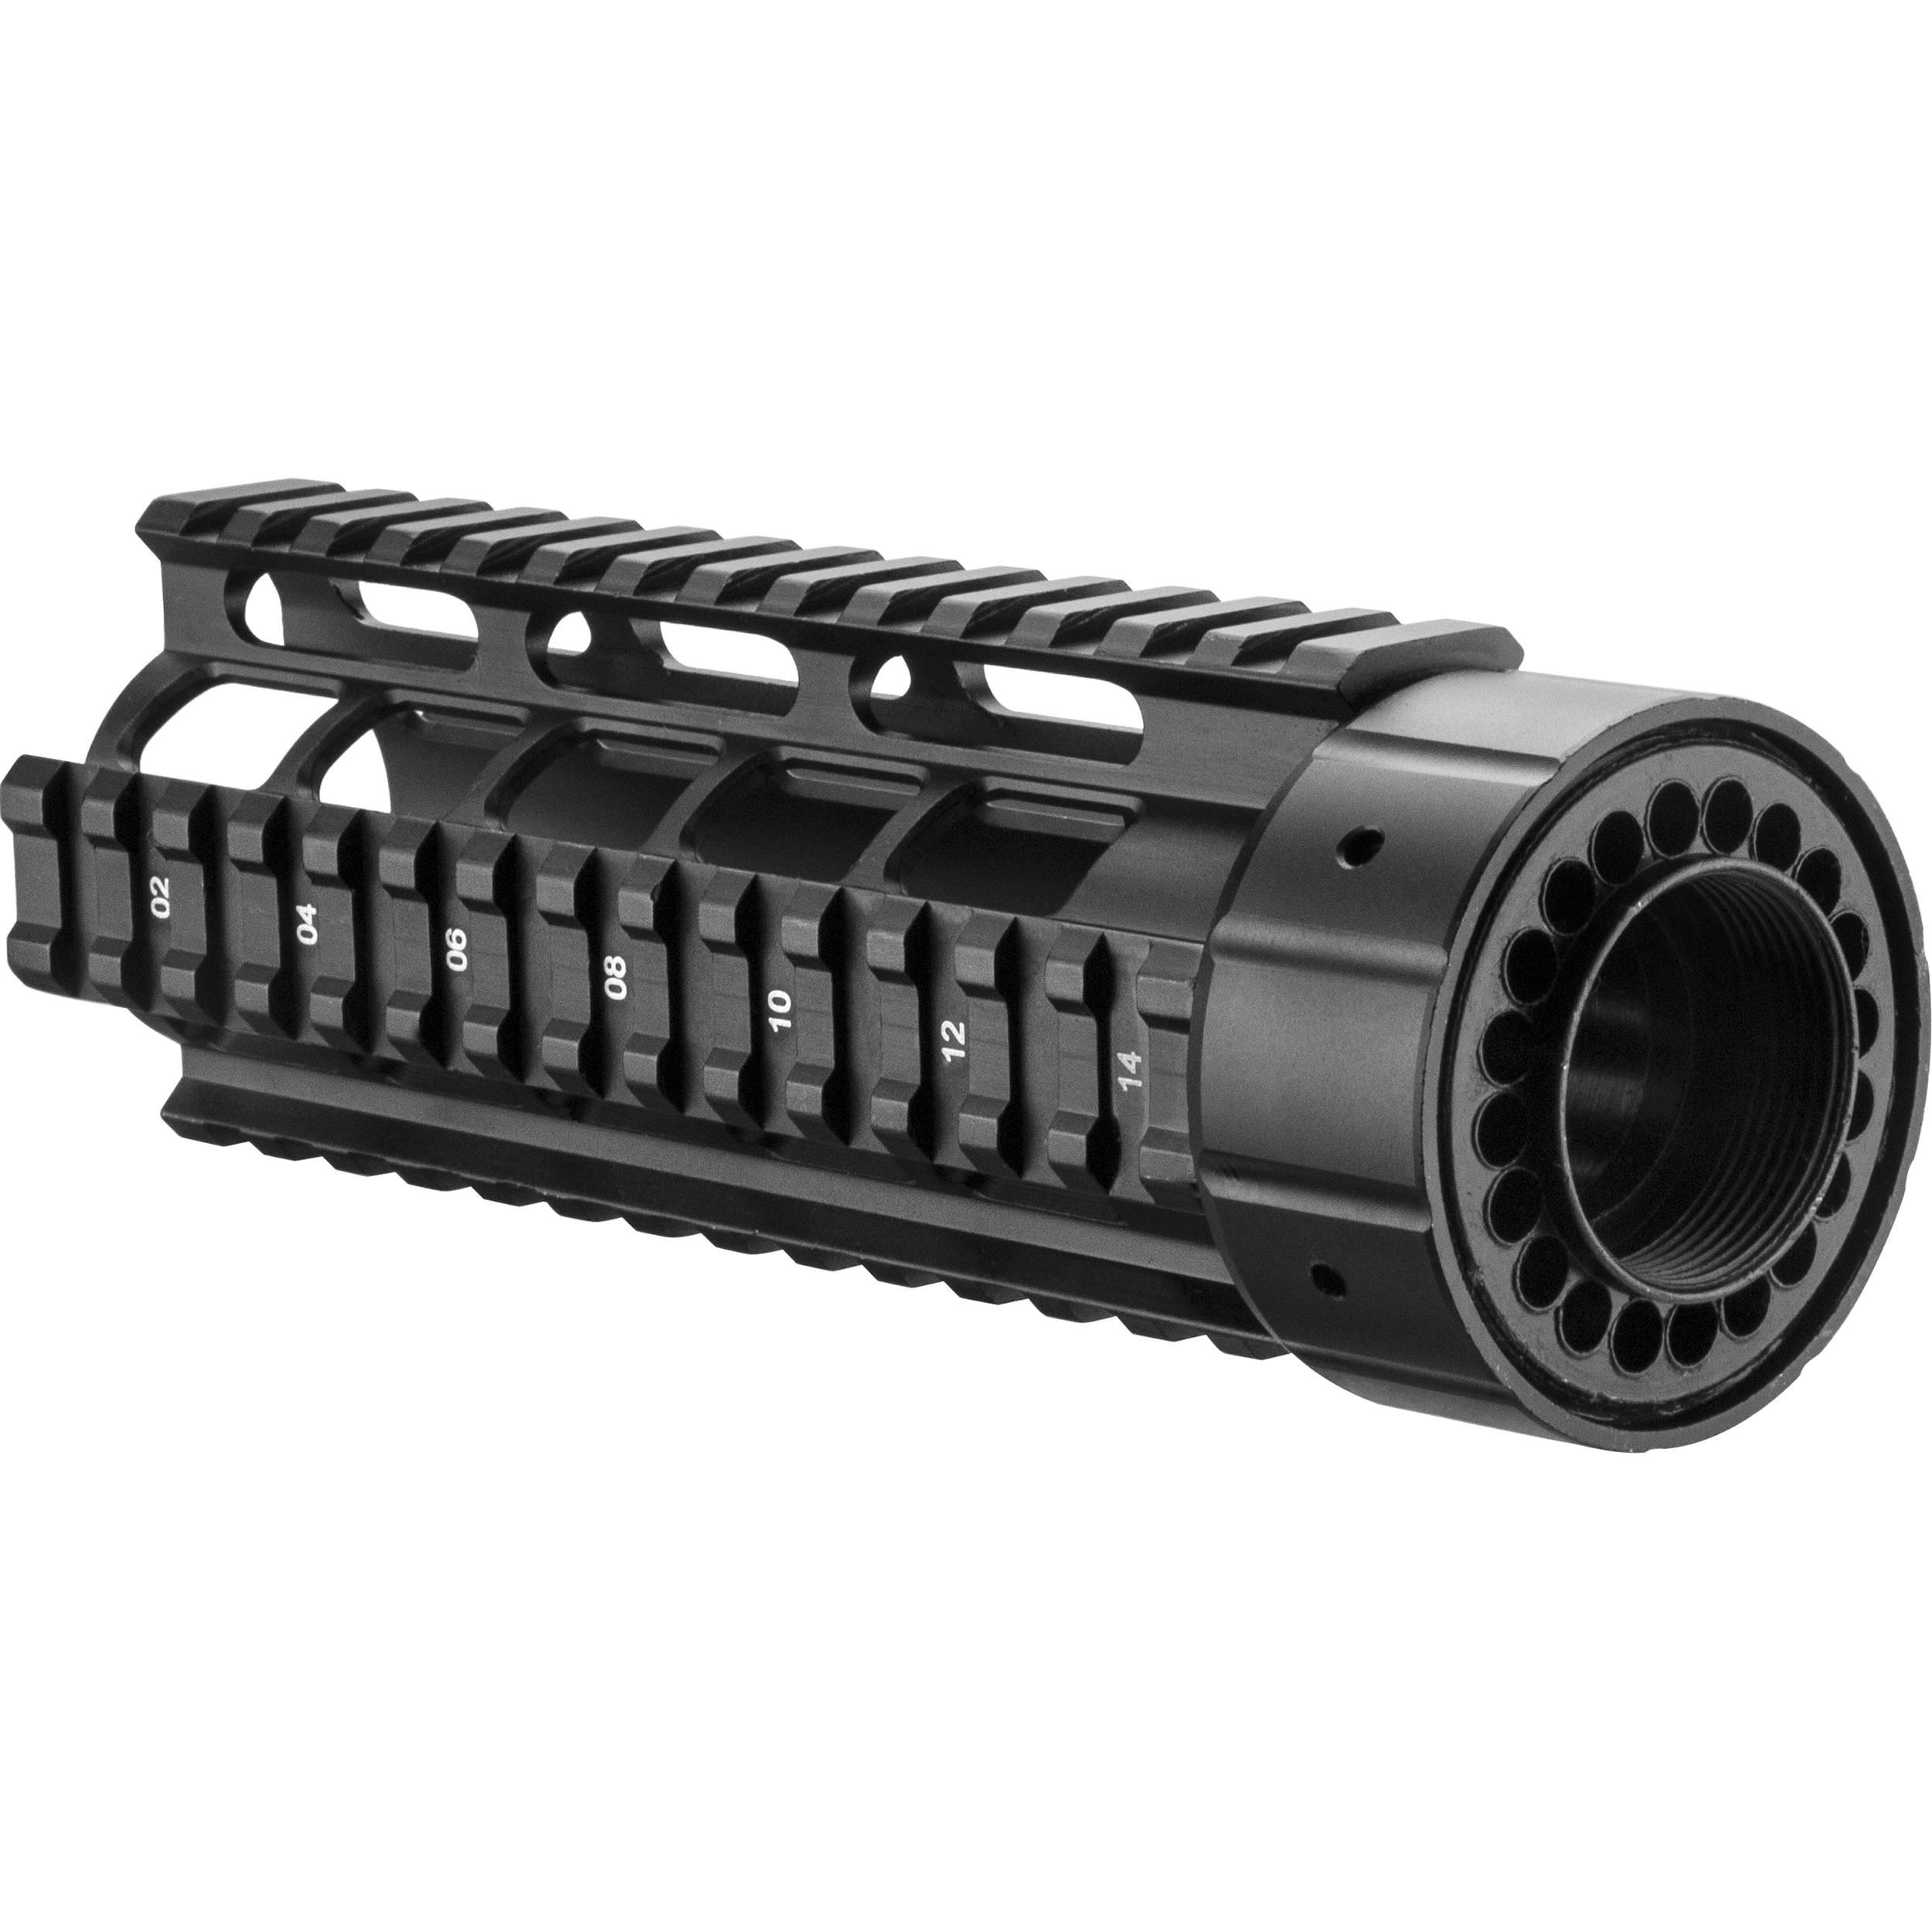 """Barska 6.75"""" AR Quad Rail (AR-15, M16, M4) AW11736 B&H"""